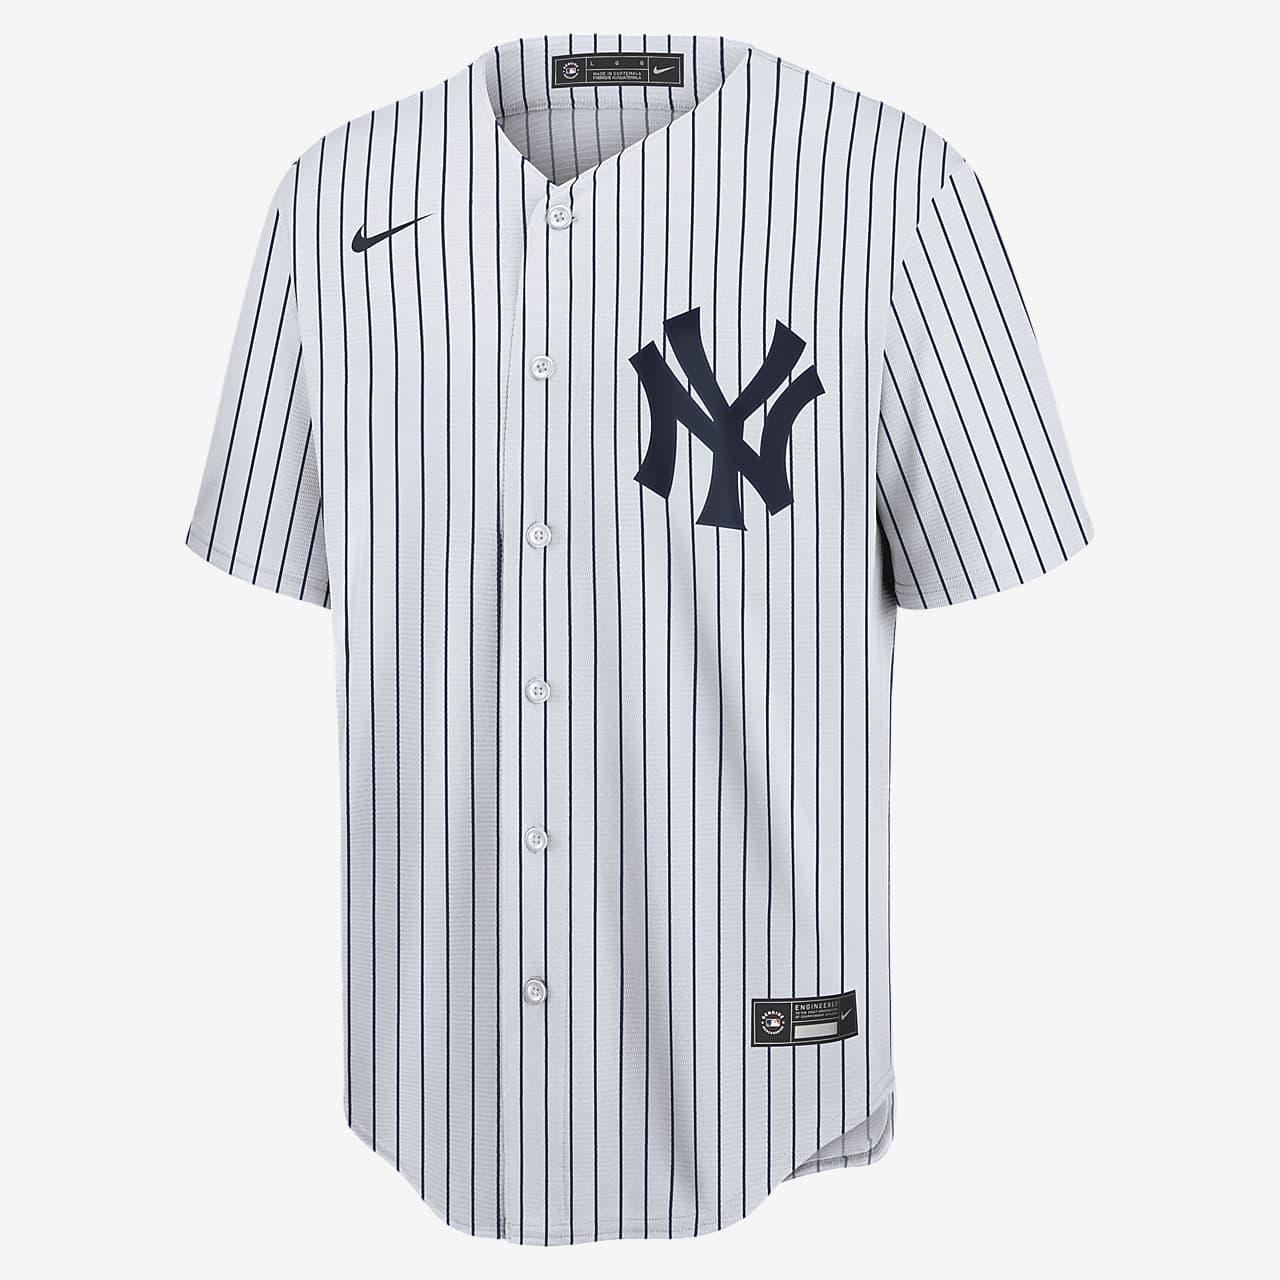 capa Prestador oler  Jersey de béisbol Replica para hombre MLB New York Yankees (Aaron Judge).  Nike.com